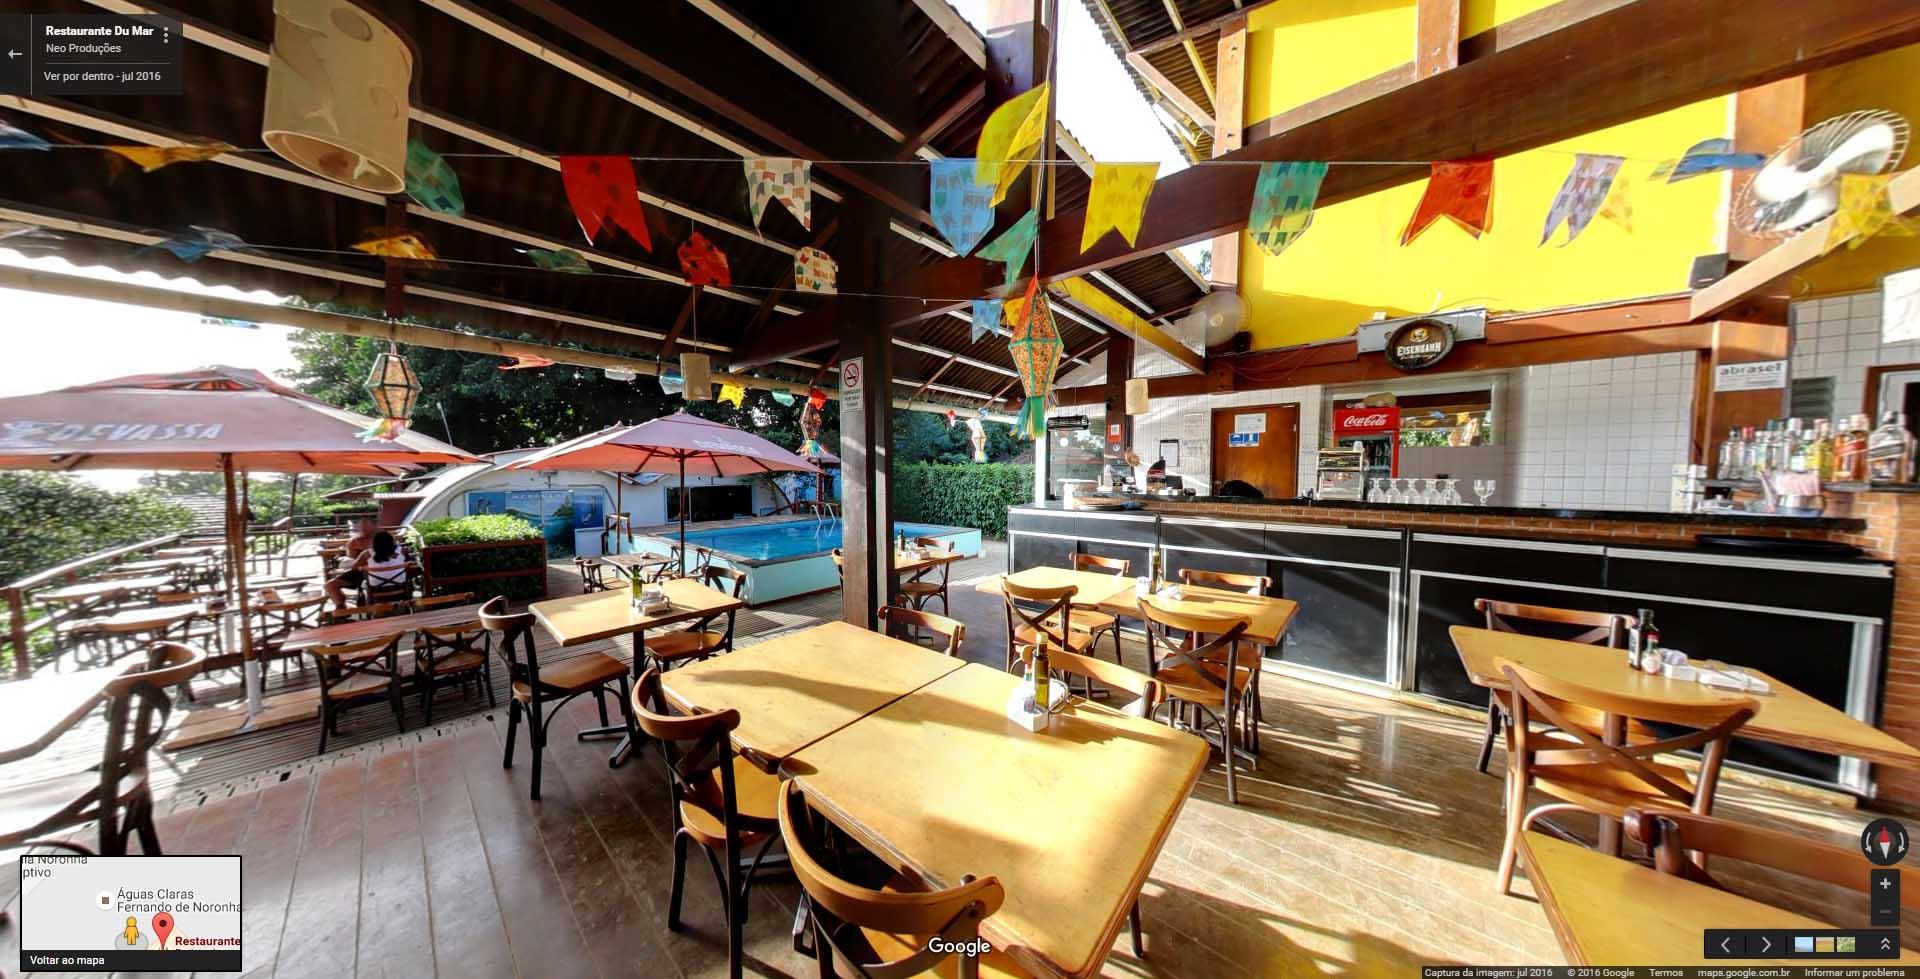 Restaurante Du Mar